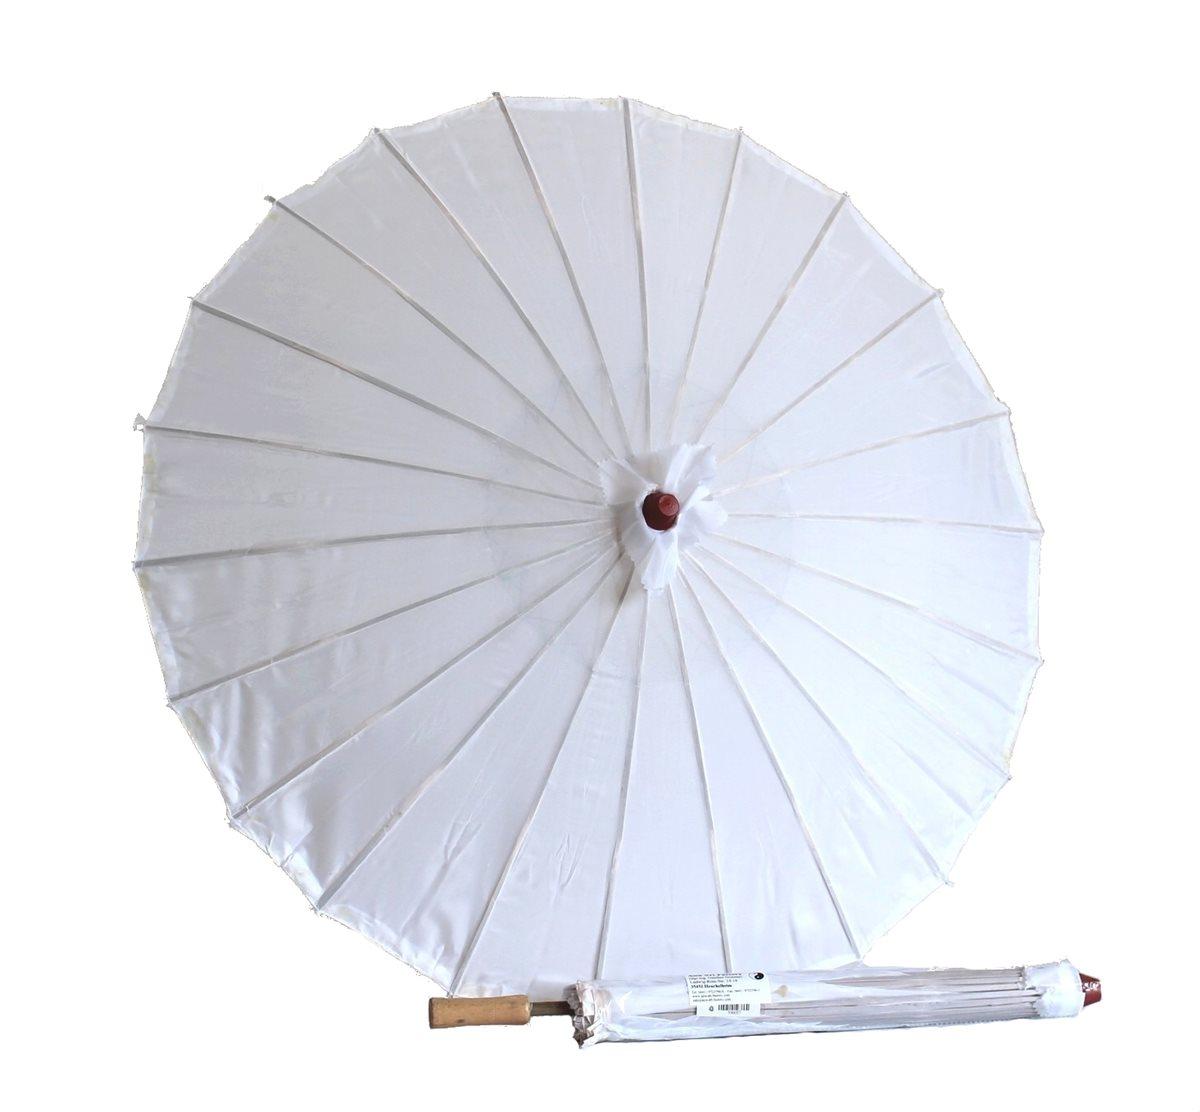 Hervorragend Asia-Art-Factory - Sonnenschirm 06 Deko Schirm Kunstfaser IF36